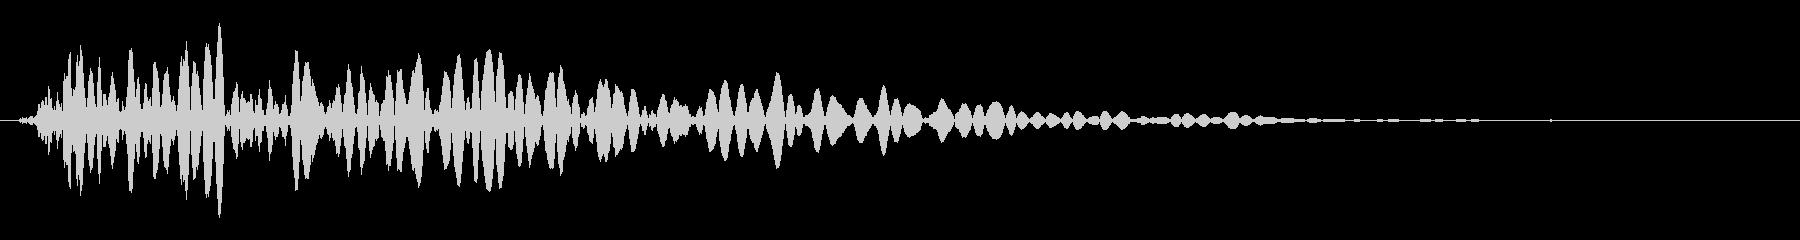 魔法攻撃を受けた音の未再生の波形